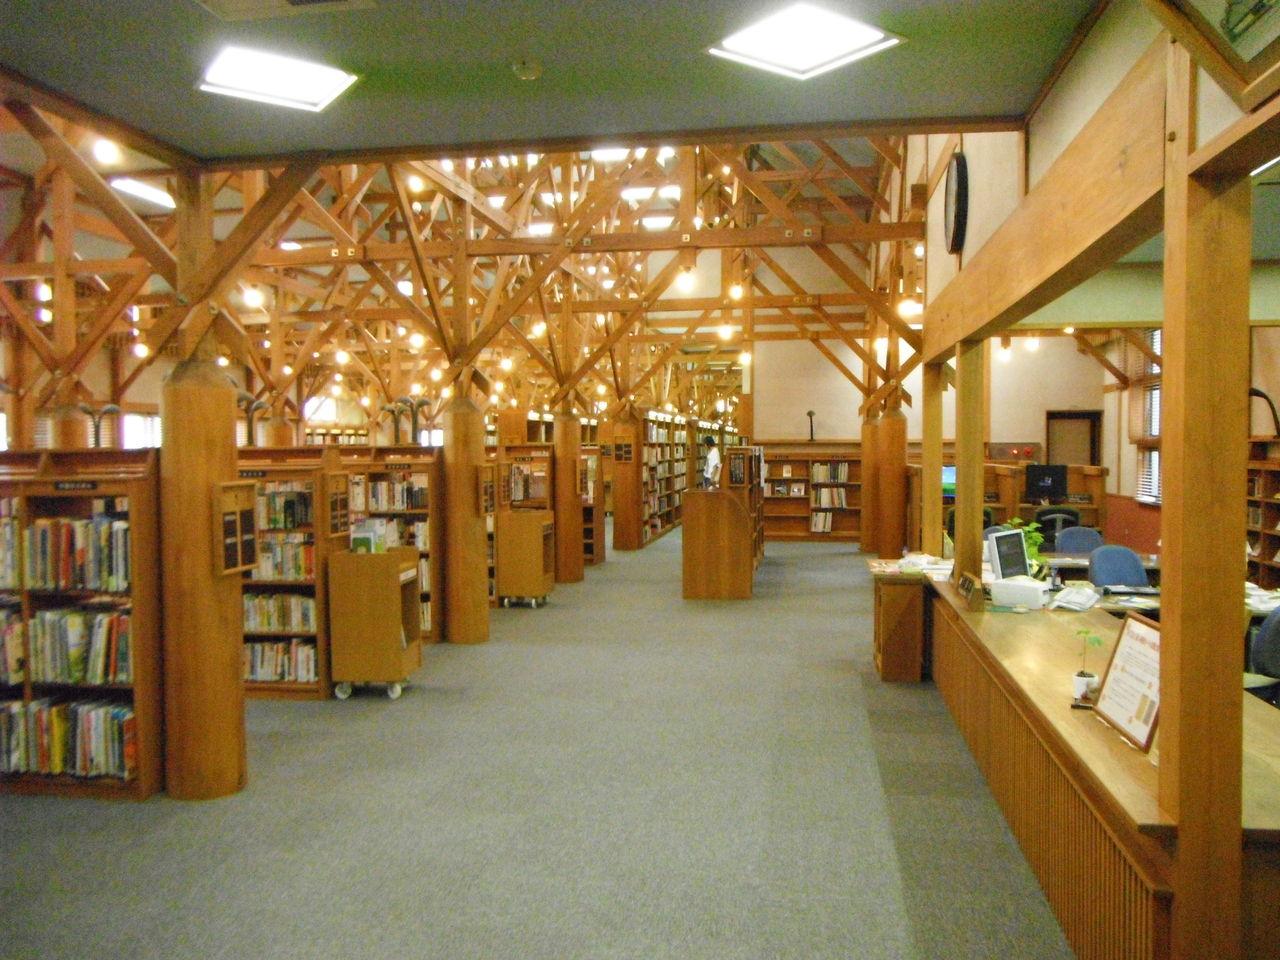 芸術的な図書館ですよ